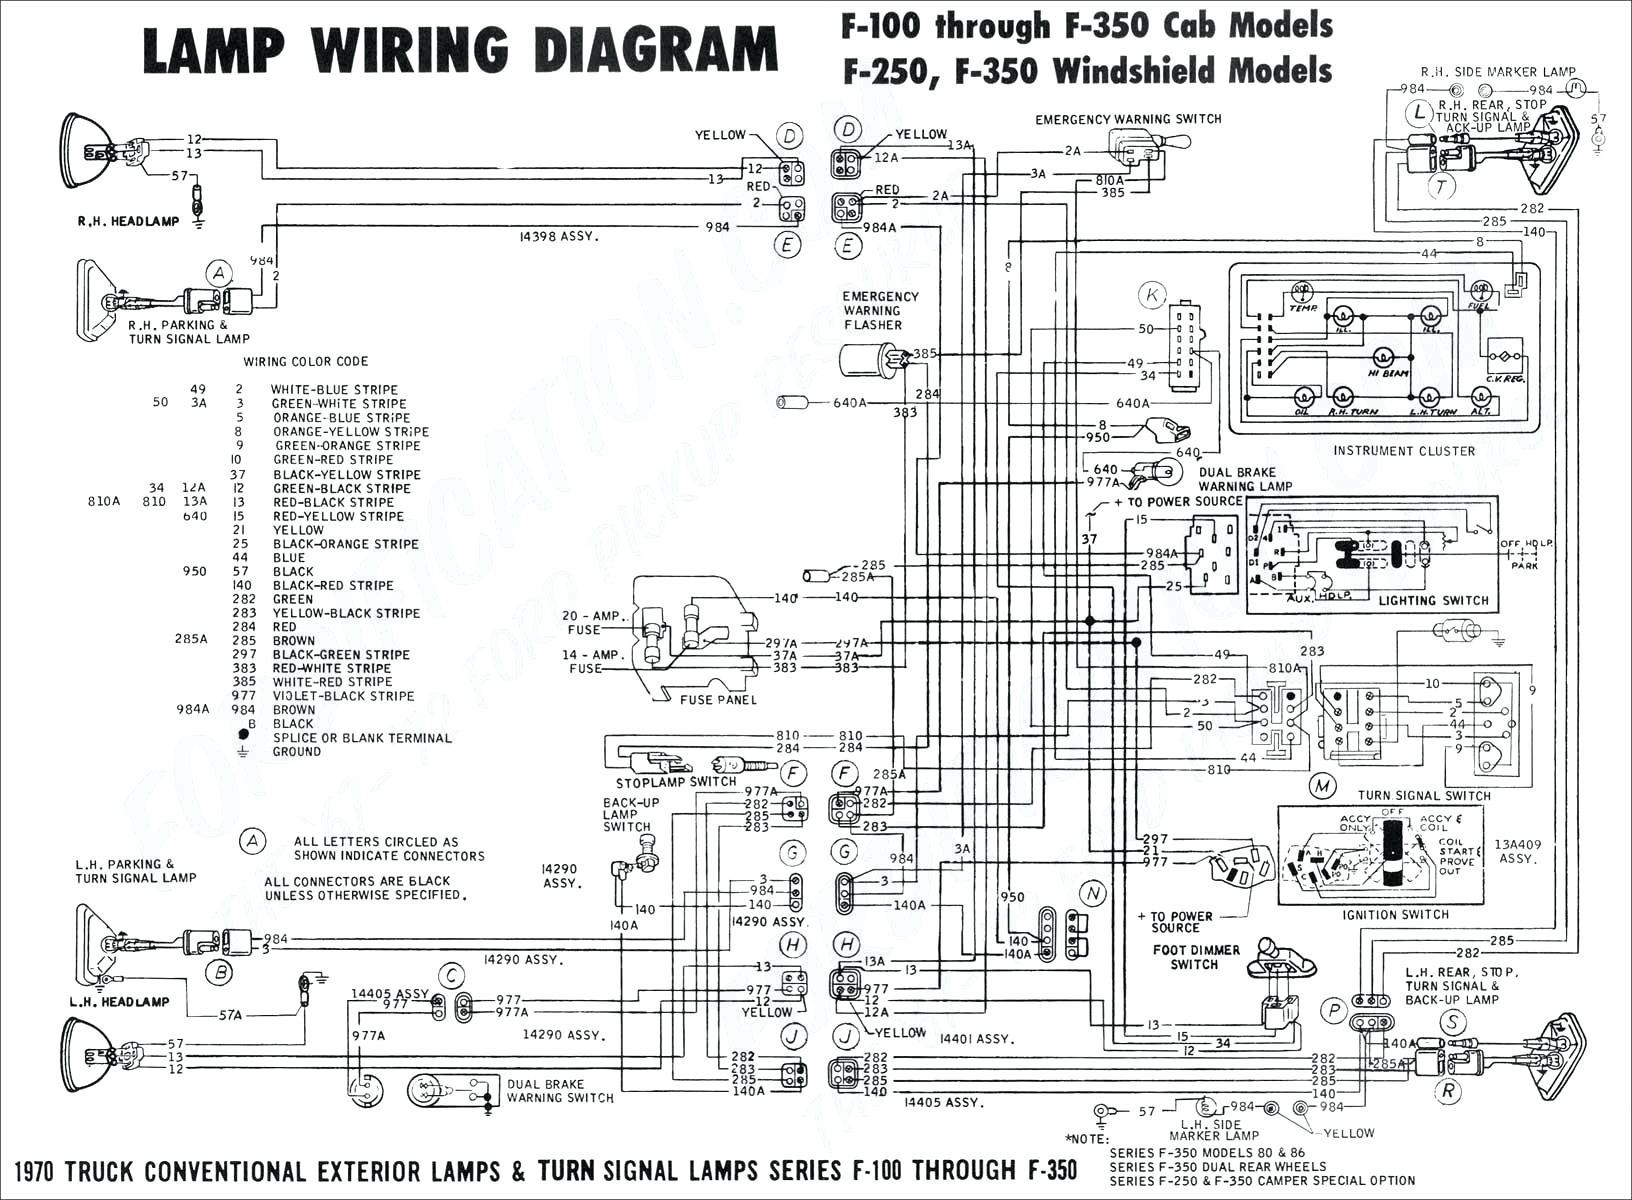 2002 Mini Cooper Engine Diagram 94 F350 Wiring Diagrams Layout Wiring Diagrams • Of 2002 Mini Cooper Engine Diagram